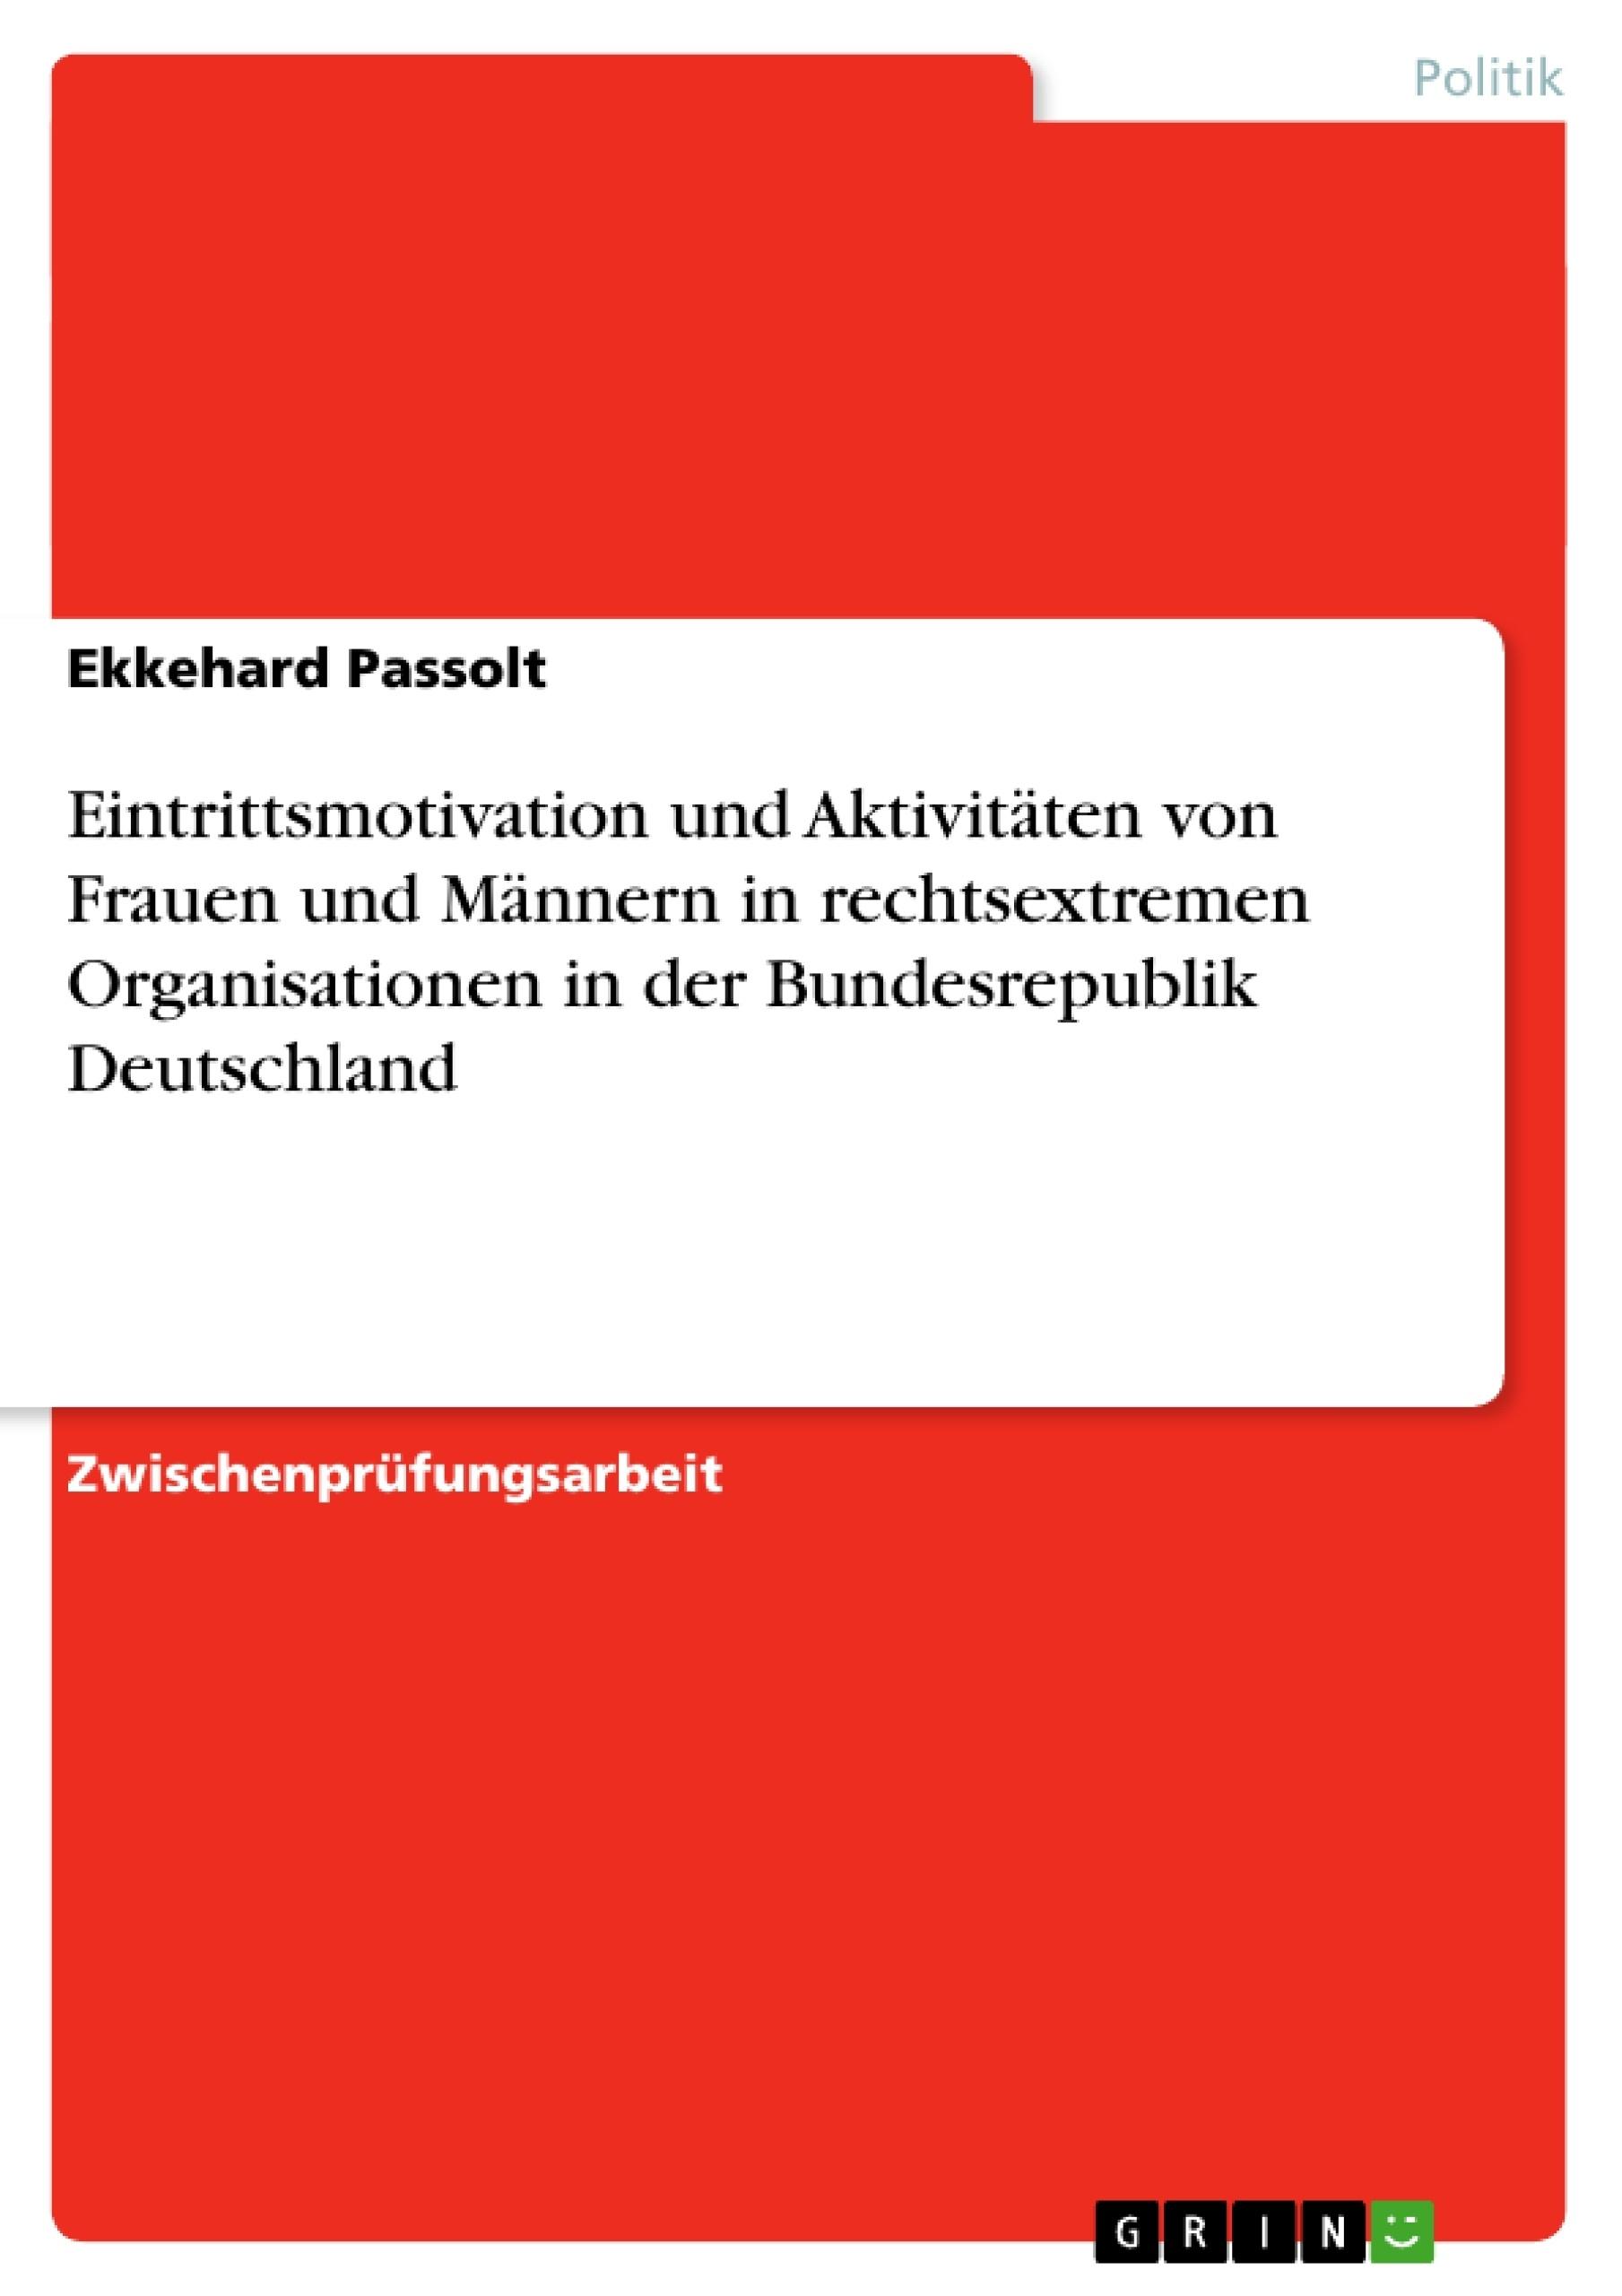 Titel: Eintrittsmotivation und Aktivitäten von Frauen und Männern in rechtsextremen Organisationen in der Bundesrepublik Deutschland